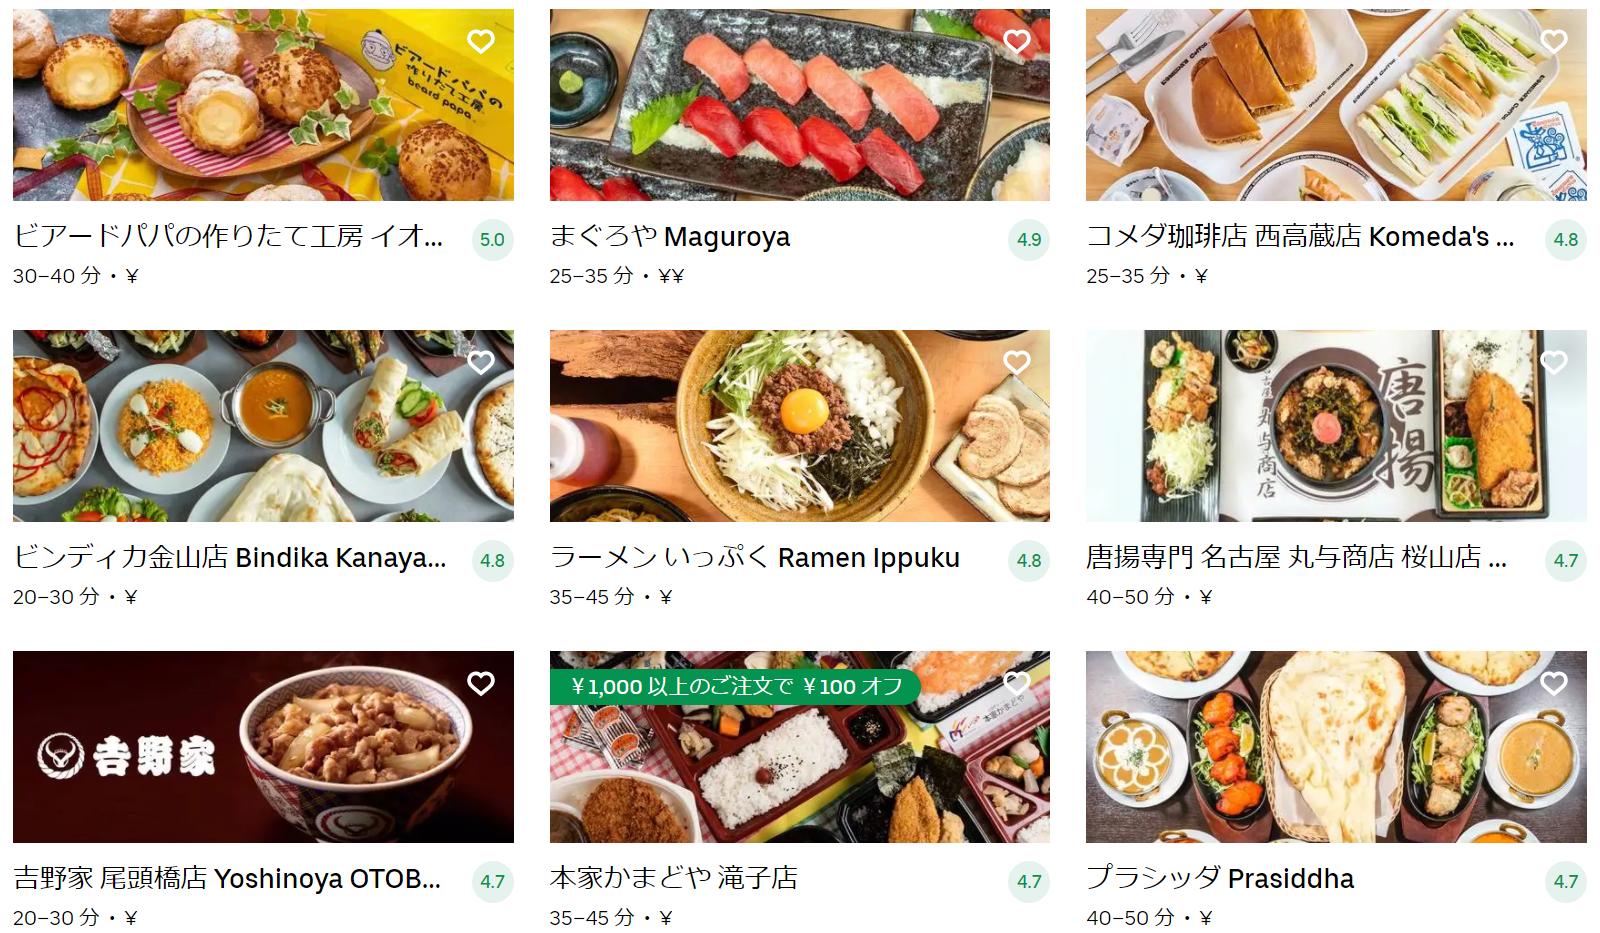 名古屋市西区エリアのおすすめUber Eats(ウーバーイーツ)メニュー